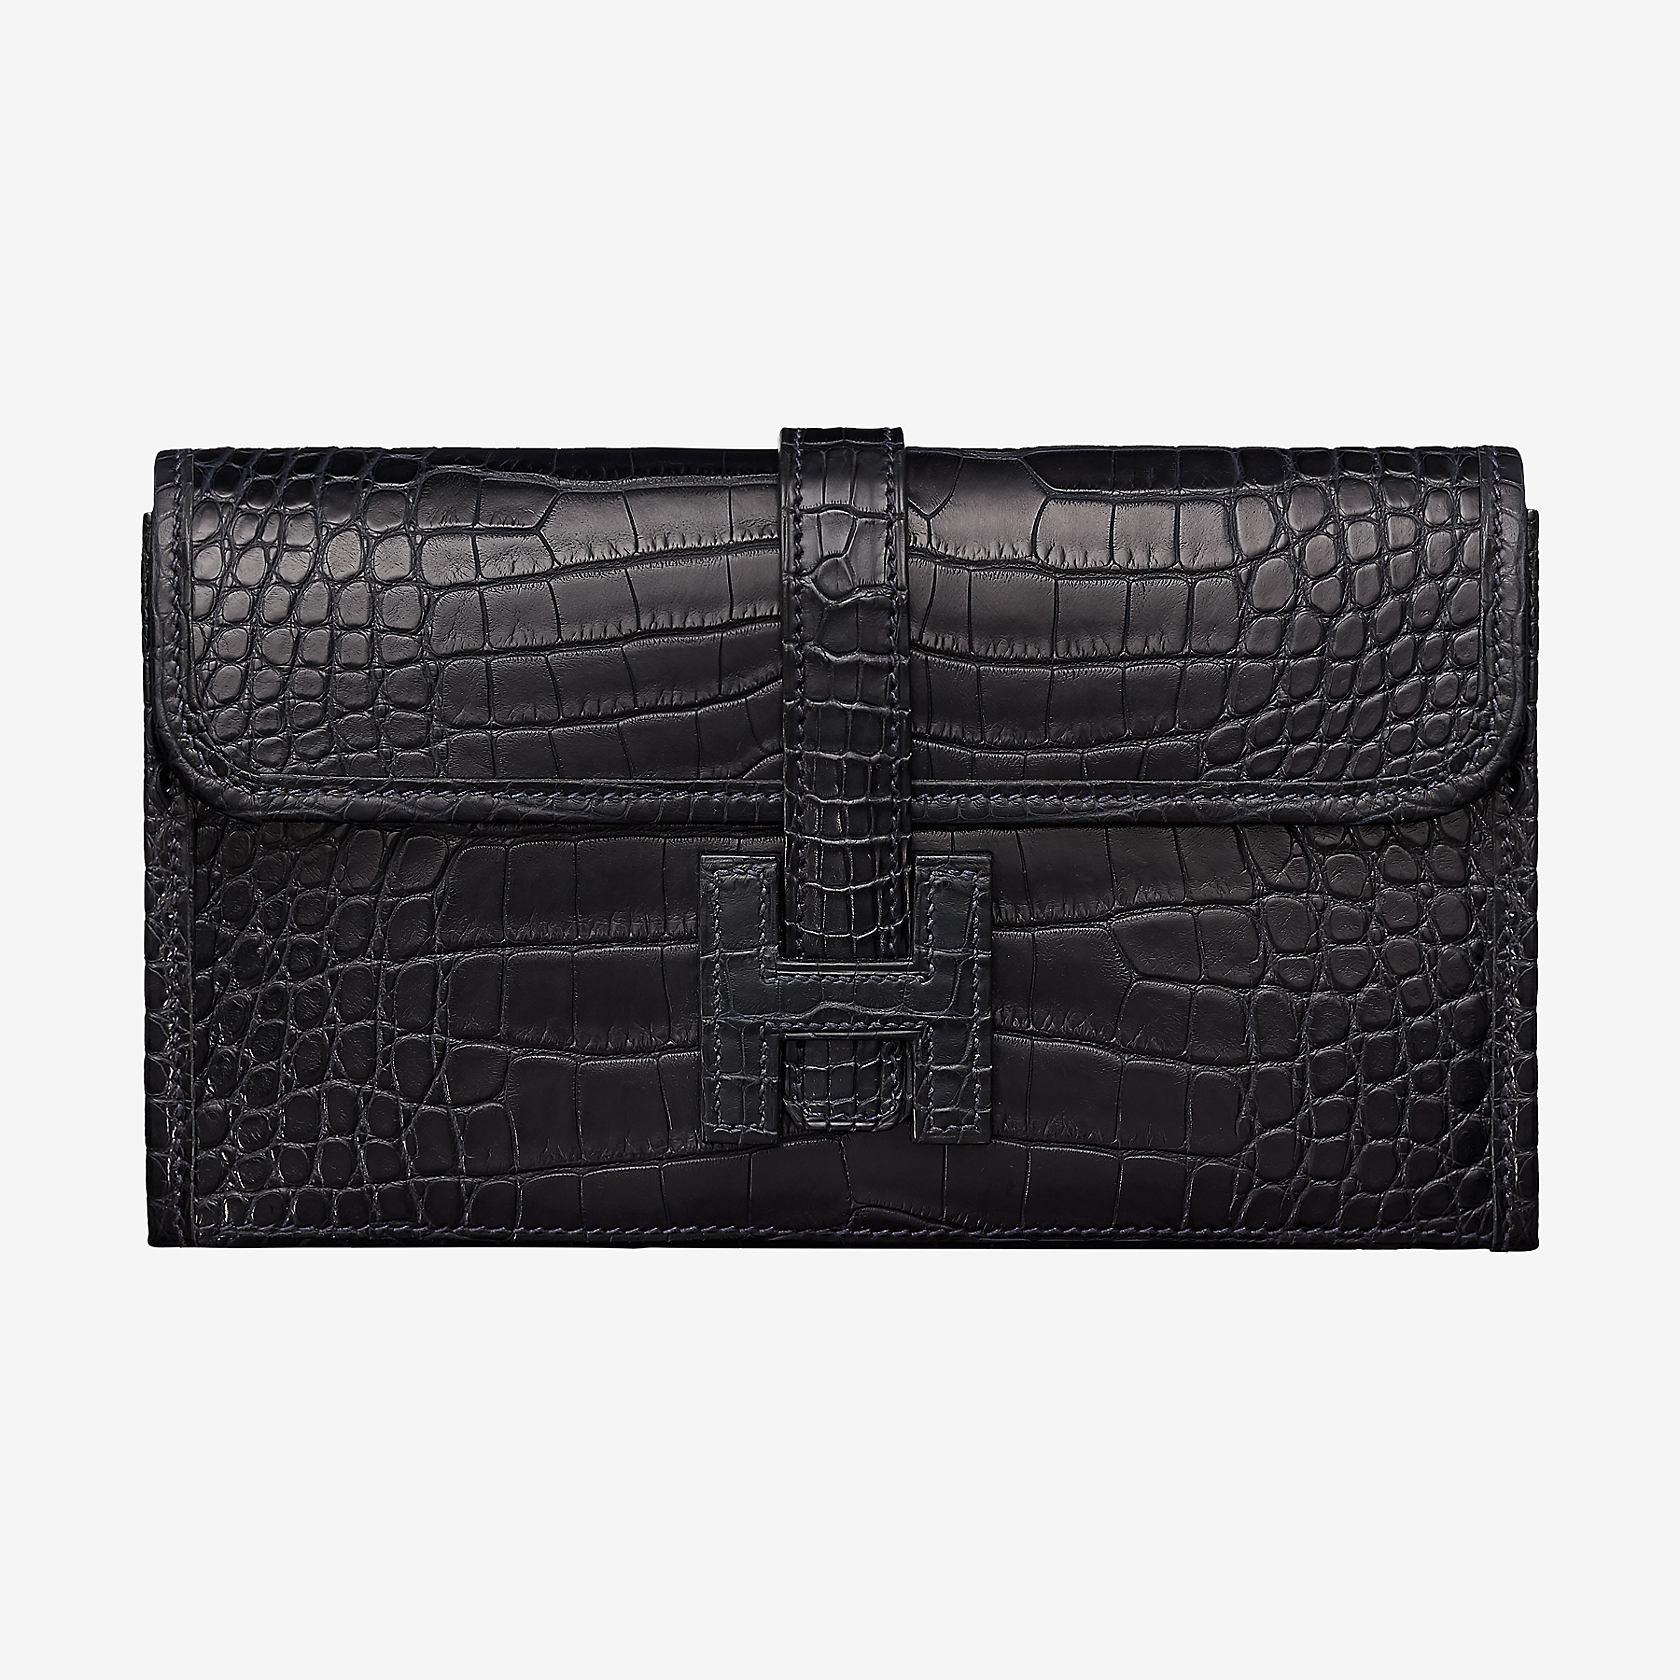 Hermes Wallets For Men - Brown – A2058